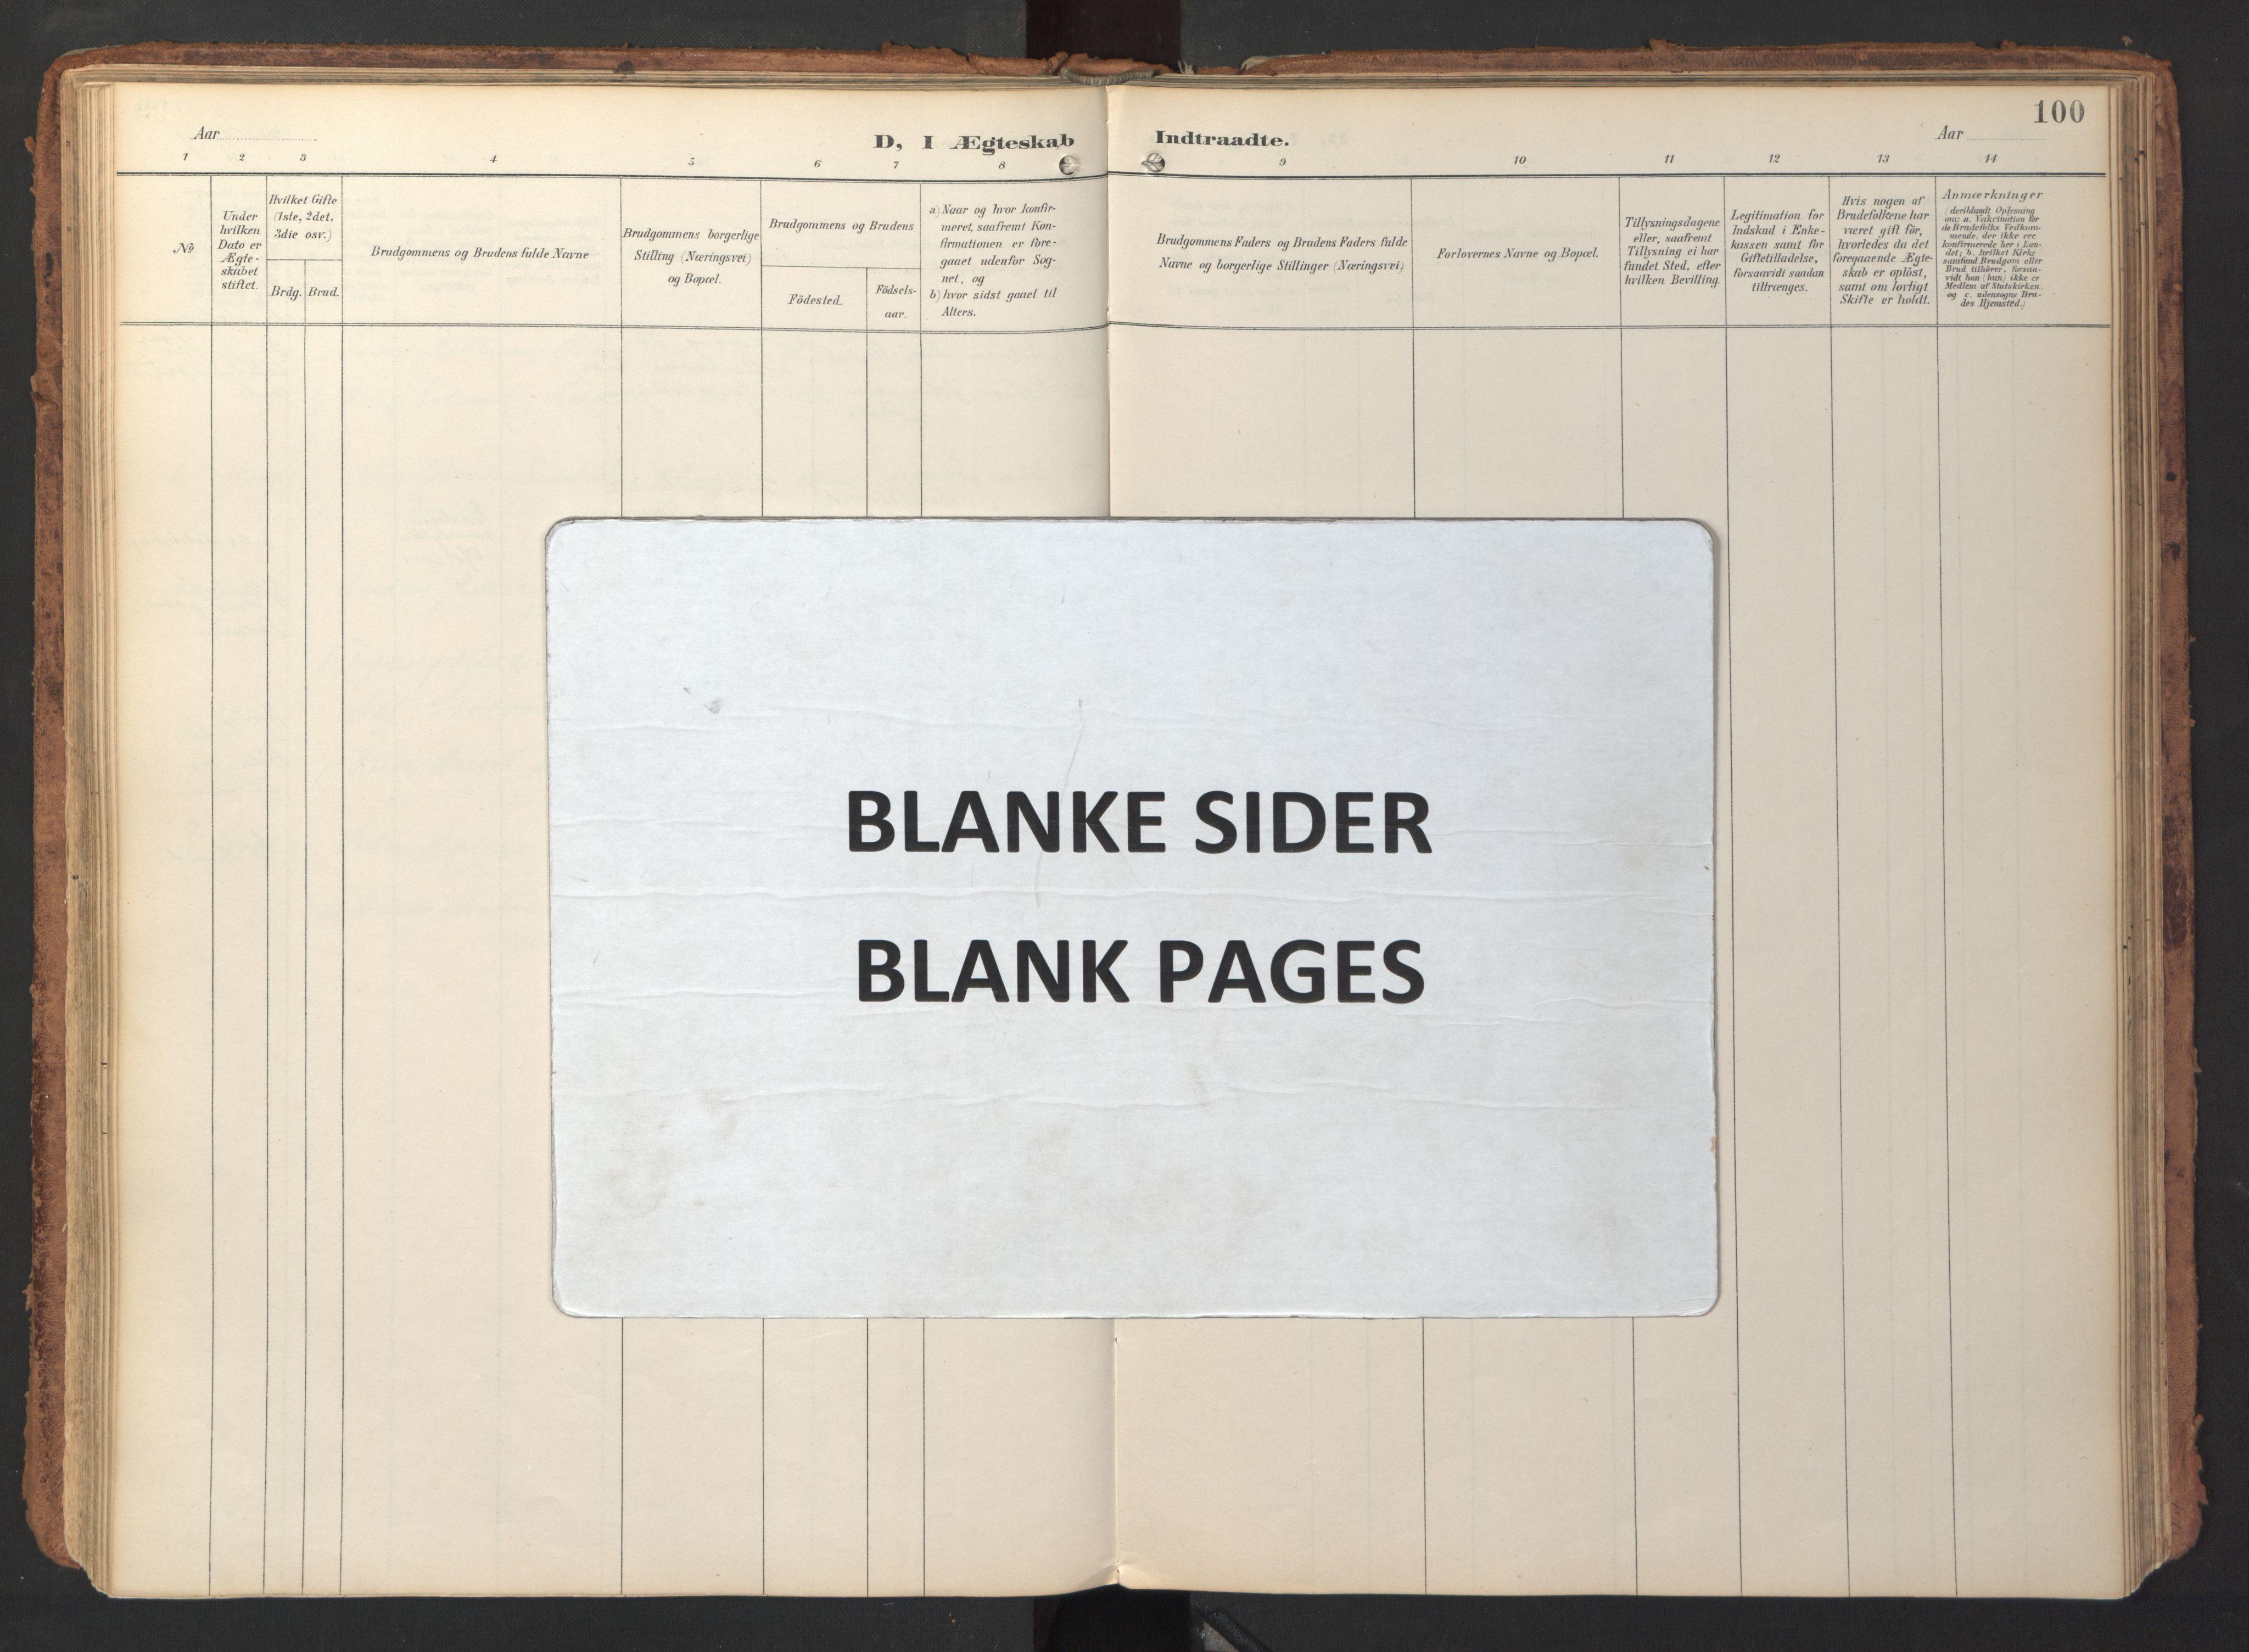 SAT, Ministerialprotokoller, klokkerbøker og fødselsregistre - Sør-Trøndelag, 690/L1050: Ministerialbok nr. 690A01, 1889-1929, s. 100